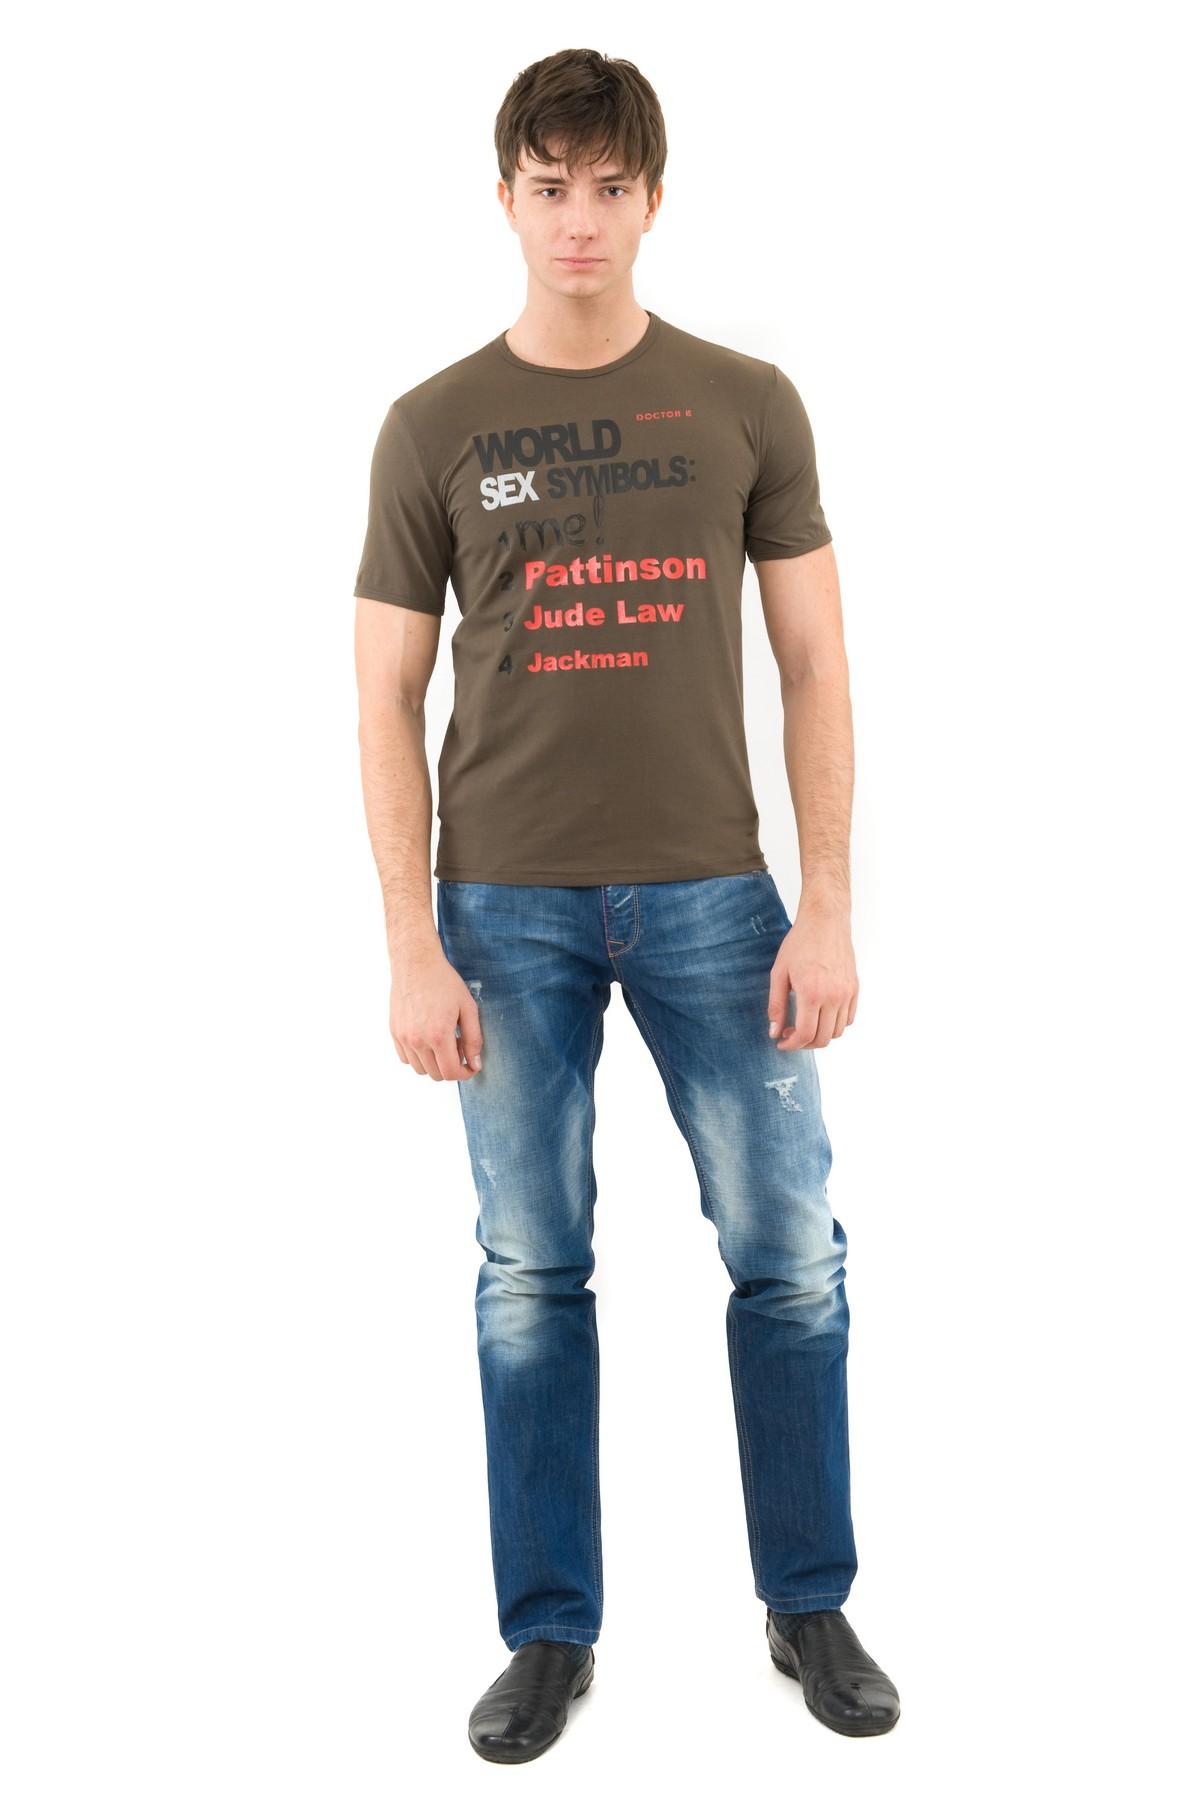 ФутболкаМужские футболки, джемпера<br>Футболка – это удобный выбор на каждый день, поэтому она должна быть яркой и стильной, чтобы привнести в повседневный образ красок. Округлый вырез горловины, короткие рукава, эффектный принт - все это футболка Doctor E, из высококачественного трикотажа, н<br><br>Цвет: хаки<br>Состав: 92% хлопок, 8% лайкра<br>Размер: 44,46<br>Страна дизайна: Россия<br>Страна производства: Россия